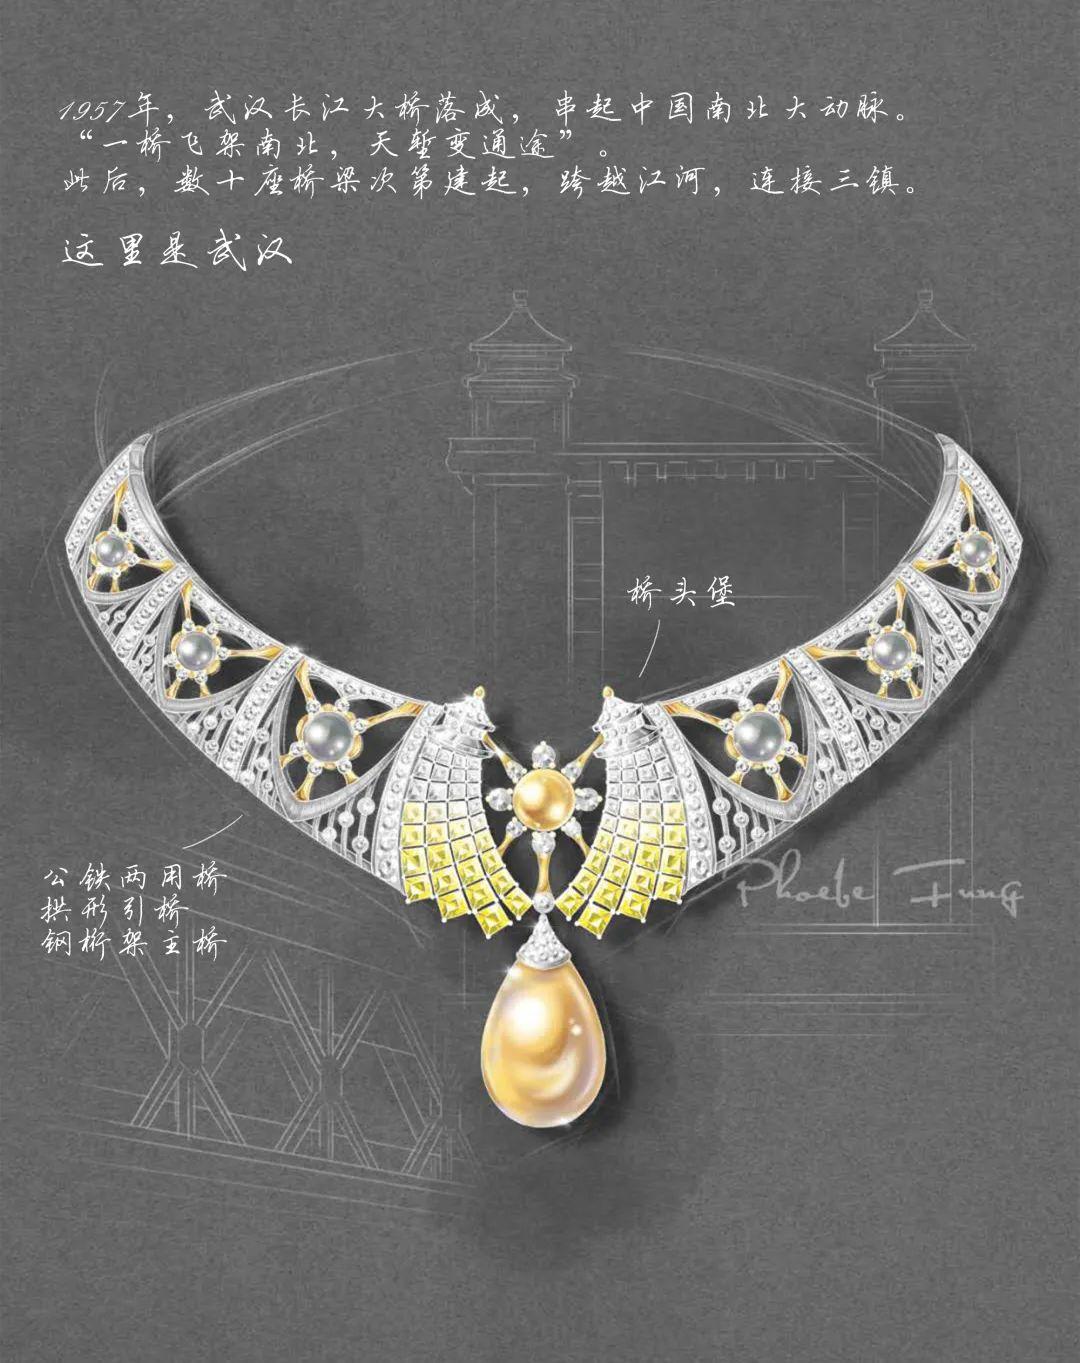 中国地质大学校徽